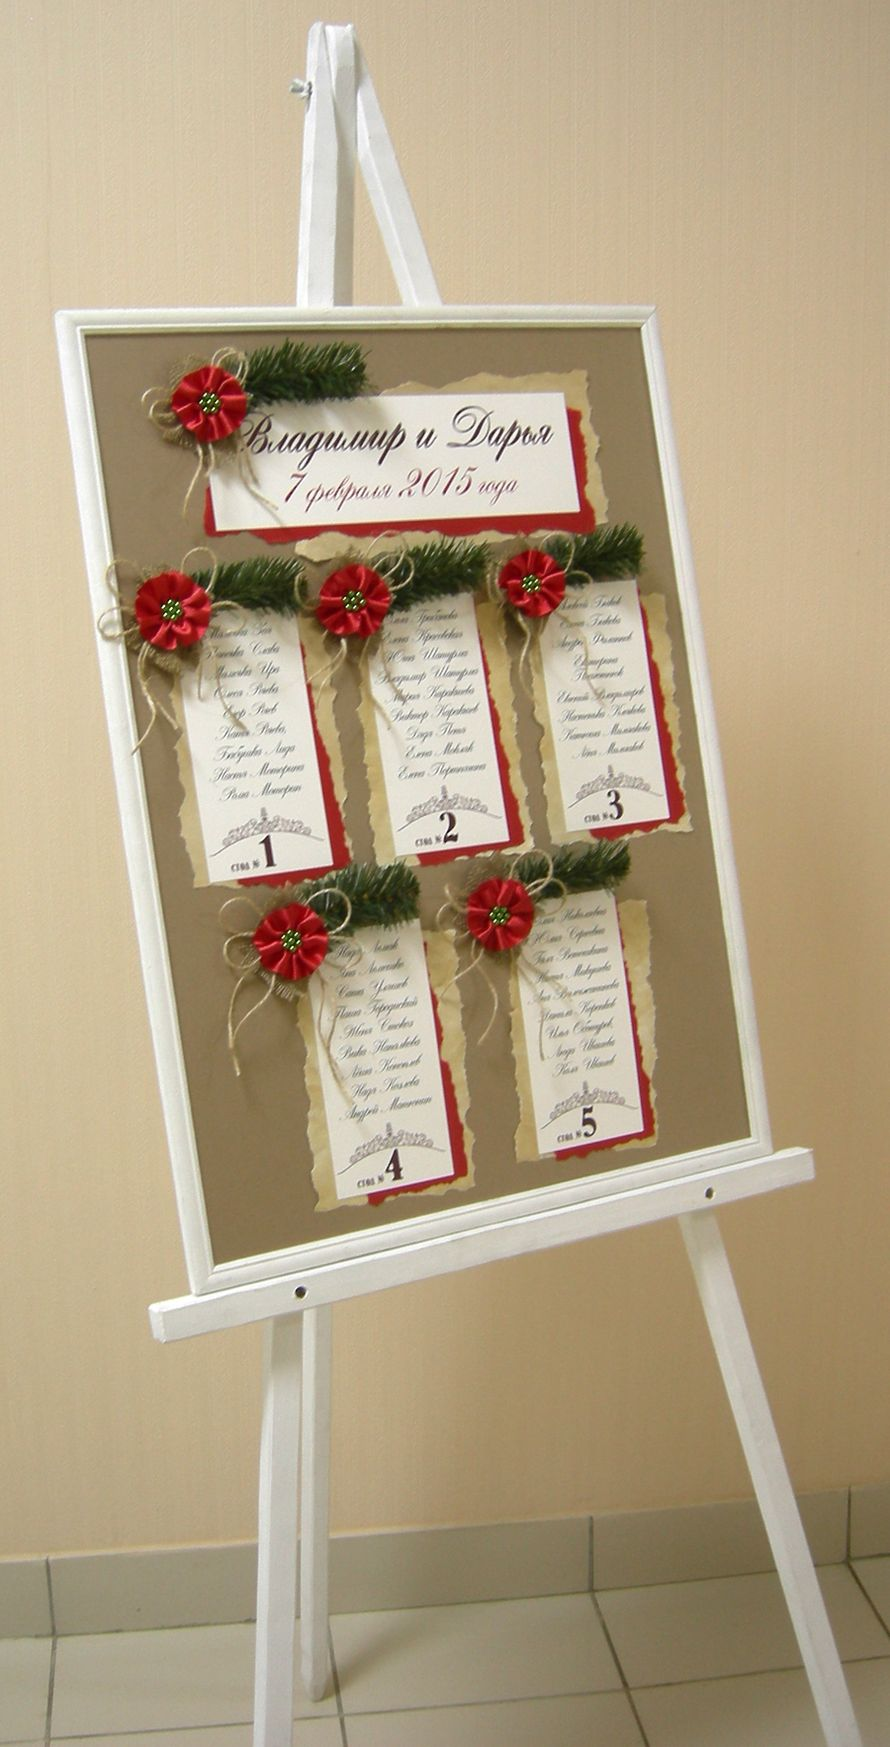 План рассадки гостей на свадьбе фото